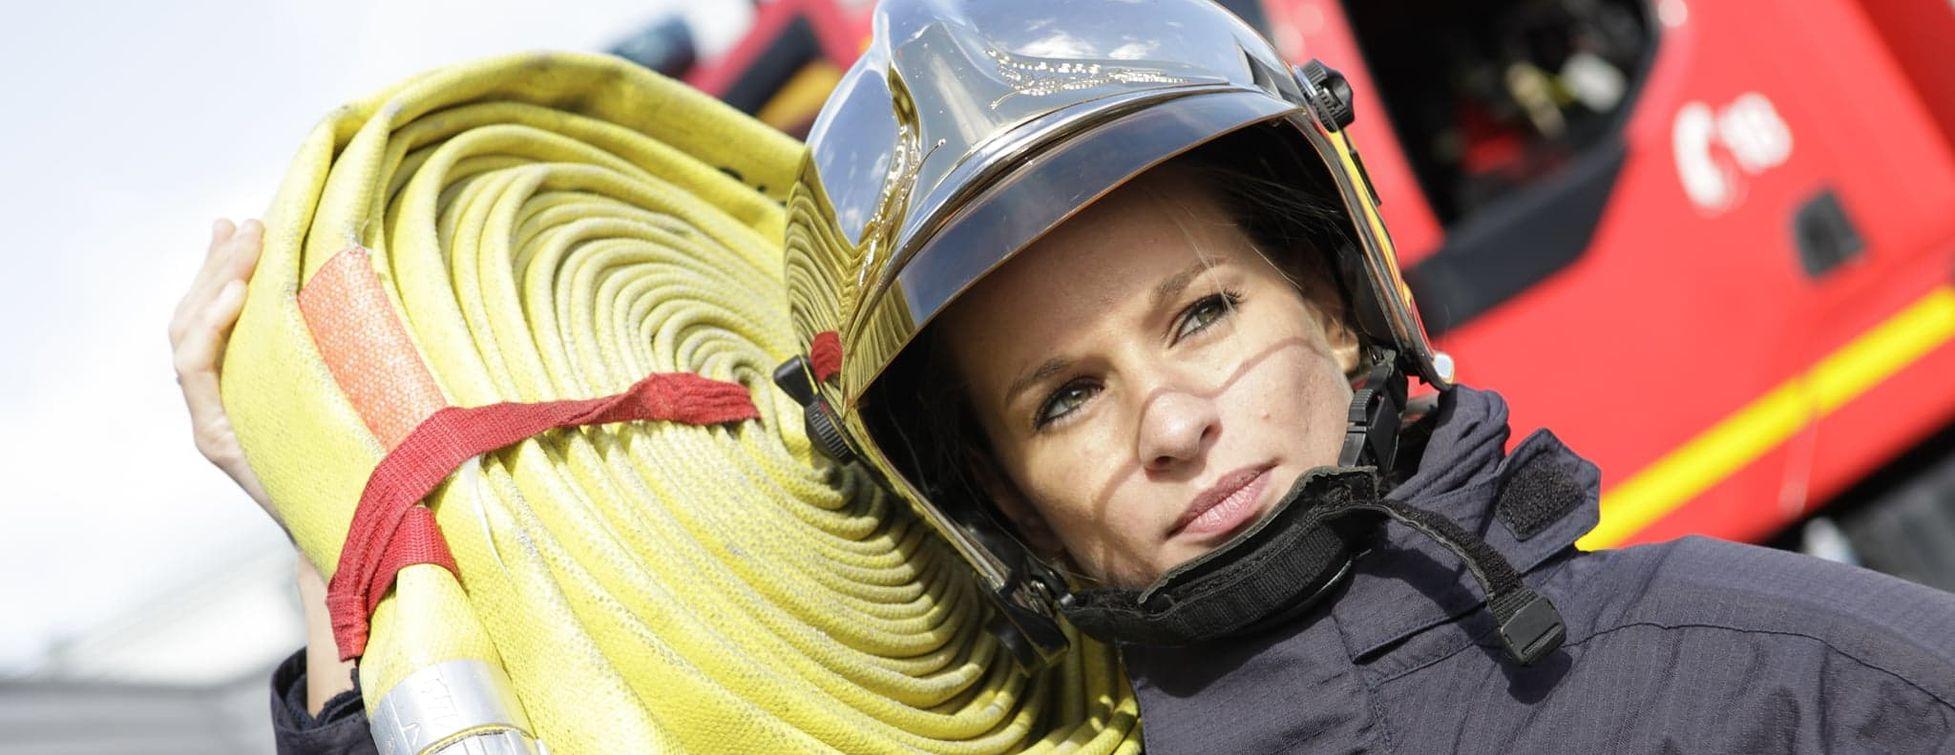 Soutenez les sapeurs-pompiers